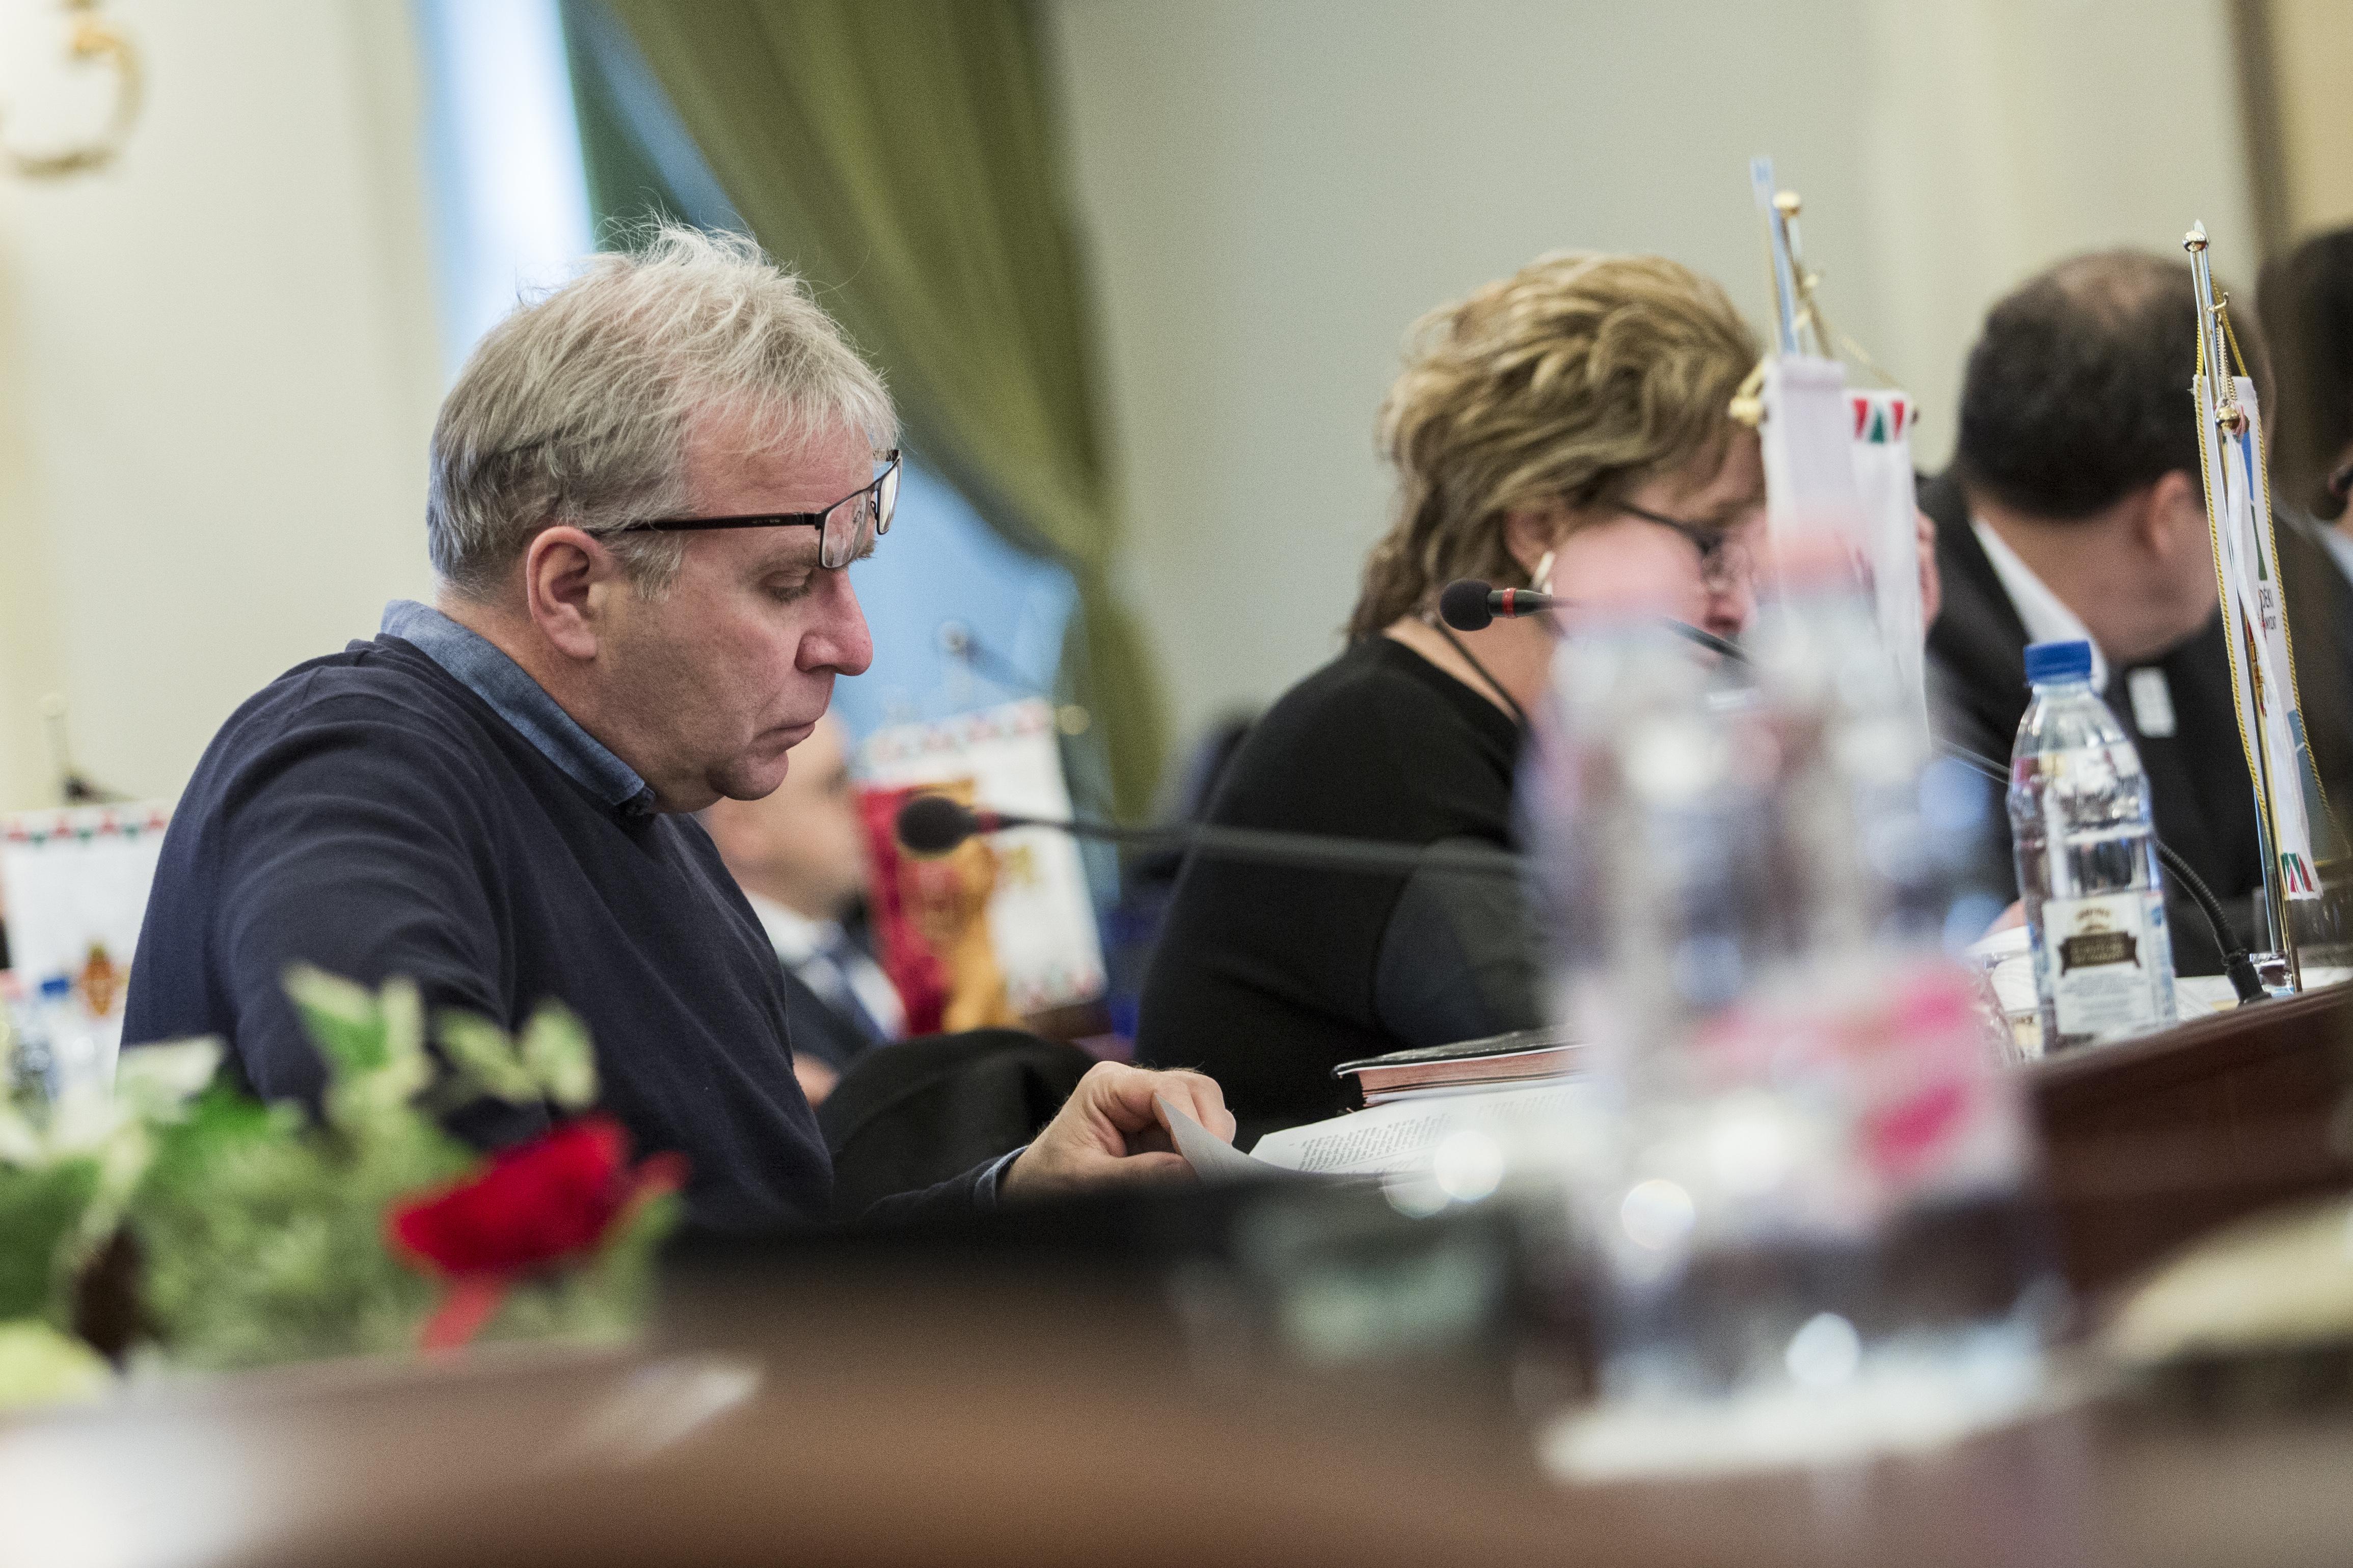 Pokorni Zoltán XII. kerületi fideszes polgármester kapta az adatvédelmi díjat